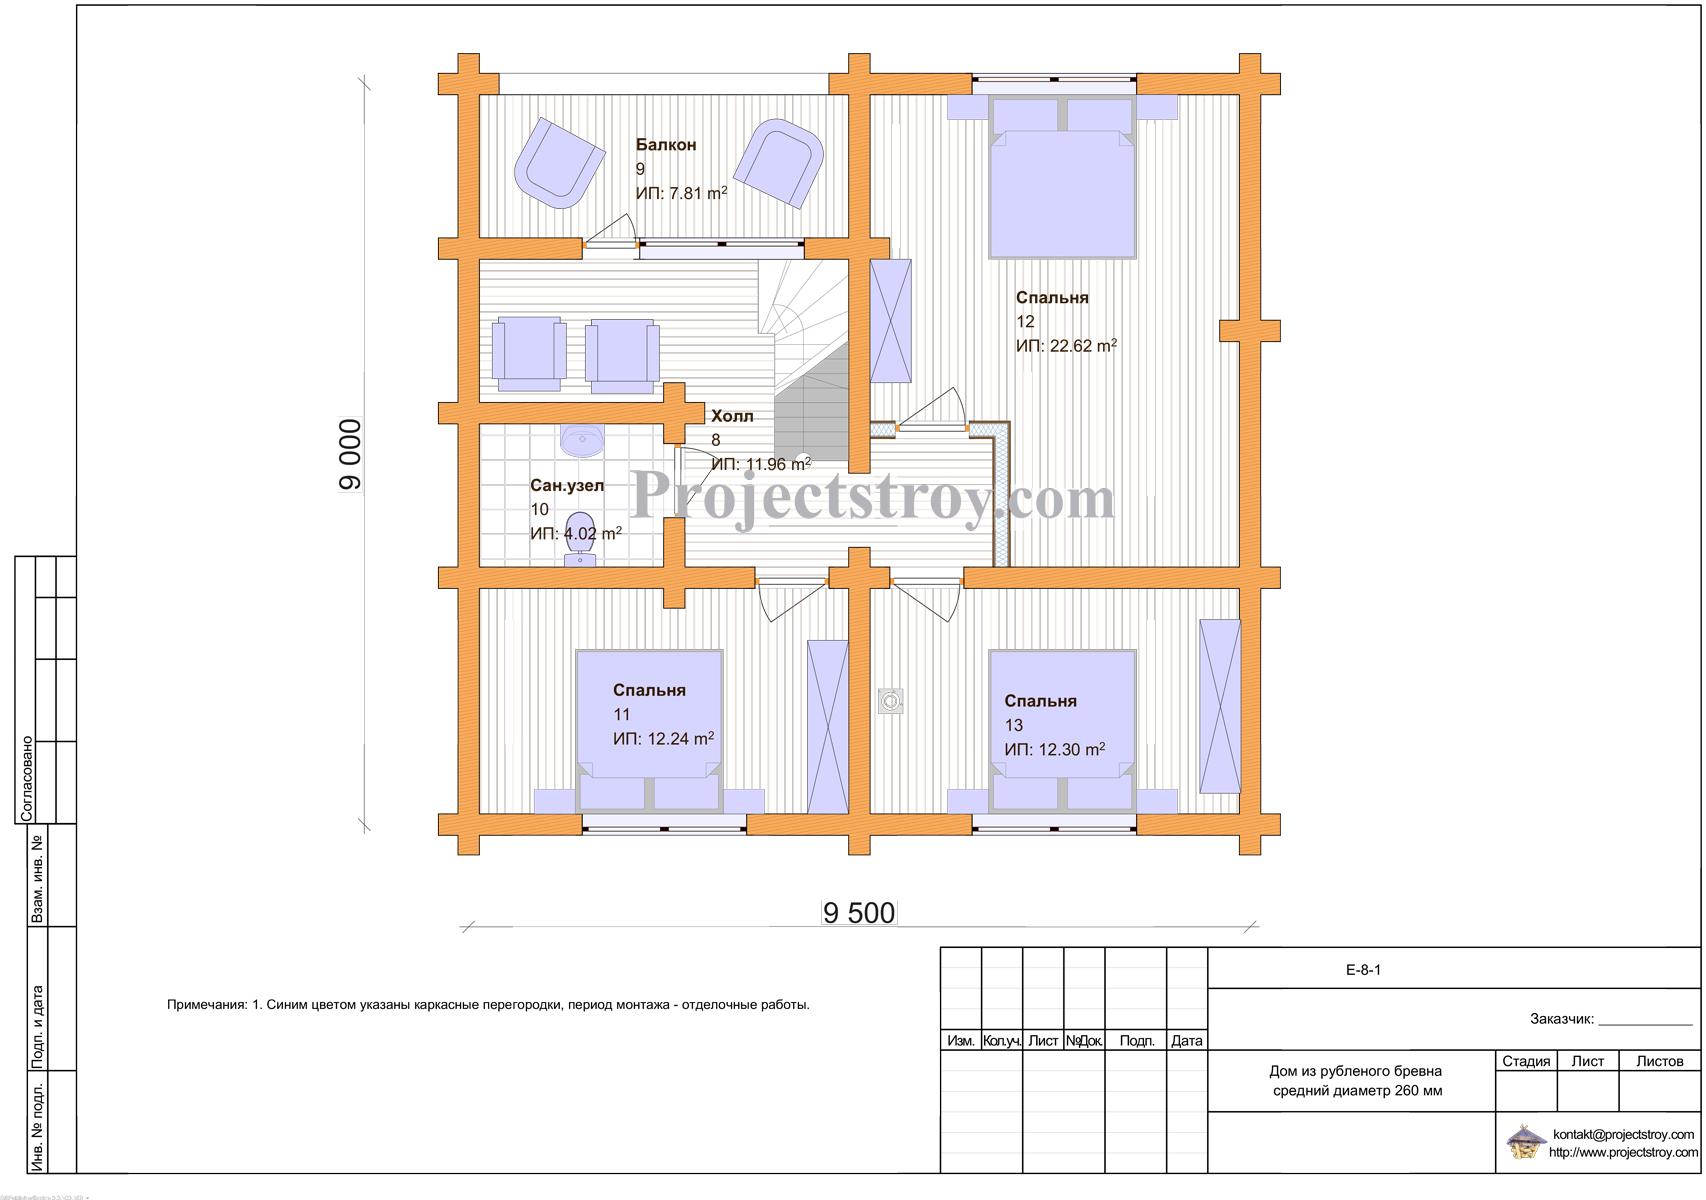 Деревянный дом 9.5 х 9 м - дикий сруб план